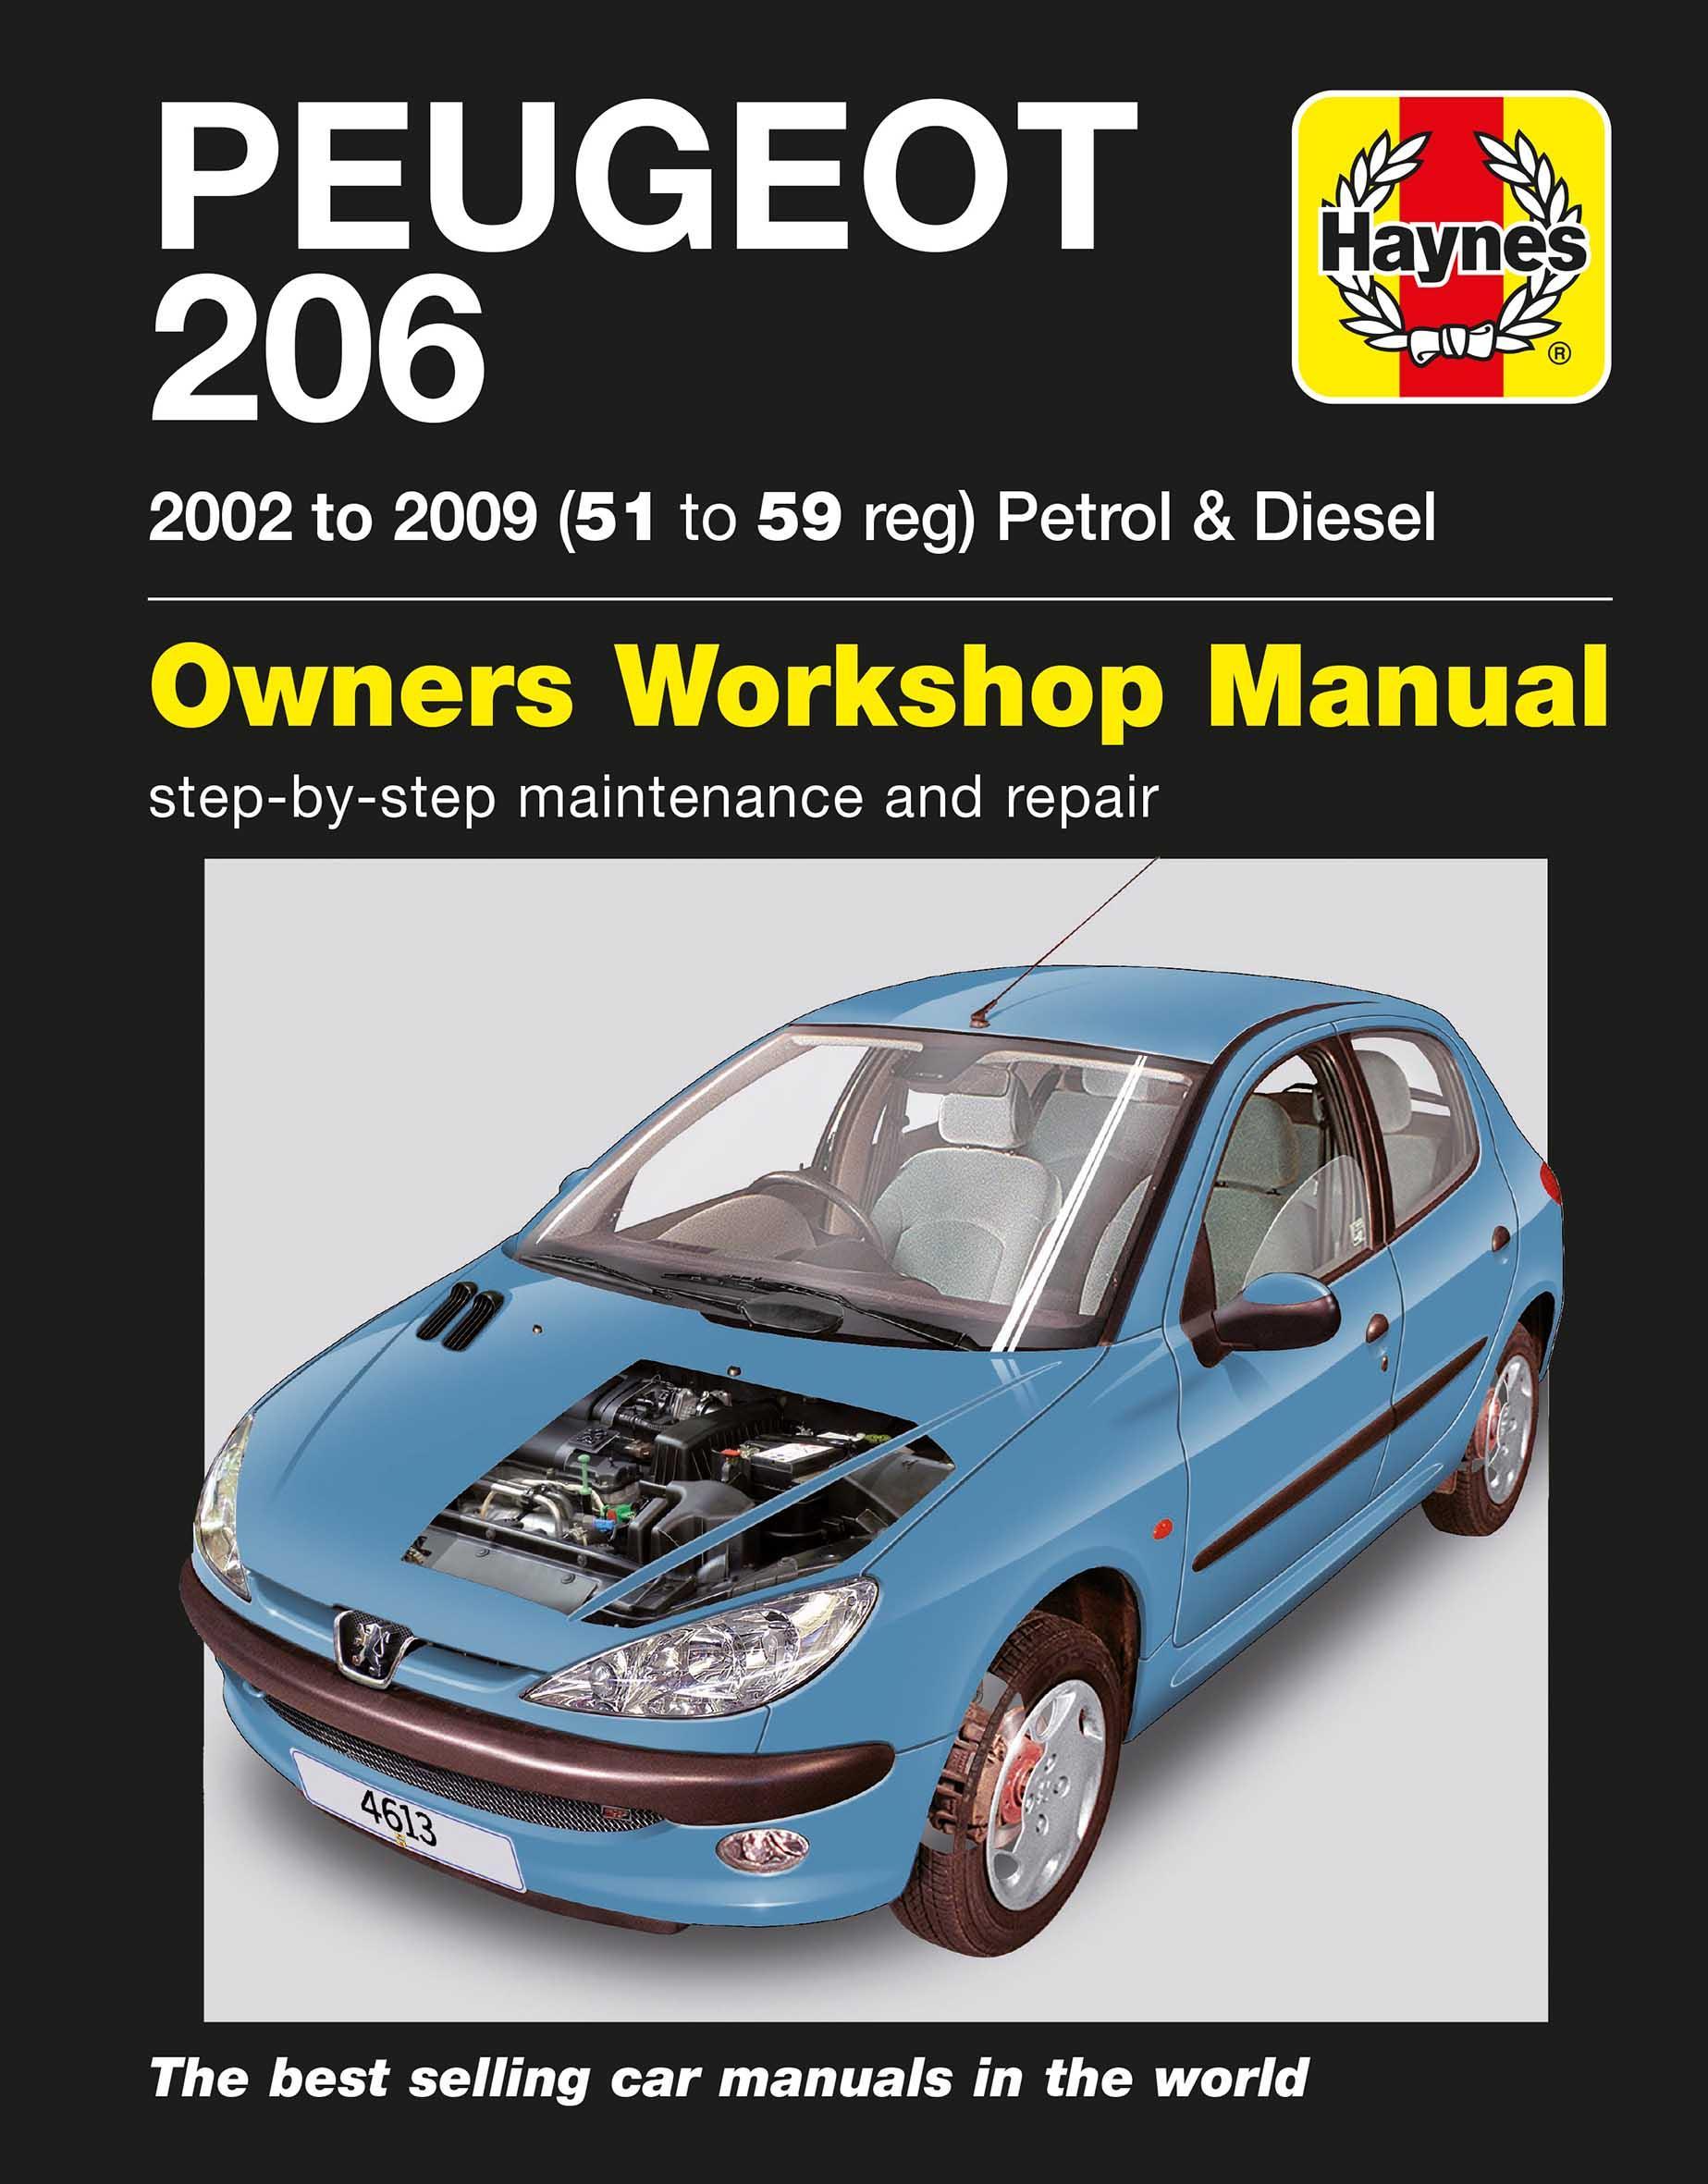 peugeot car manual open source user manual u2022 rh dramatic varieties com peugeot 307 sw workshop manual free download peugeot 307 sw service manual